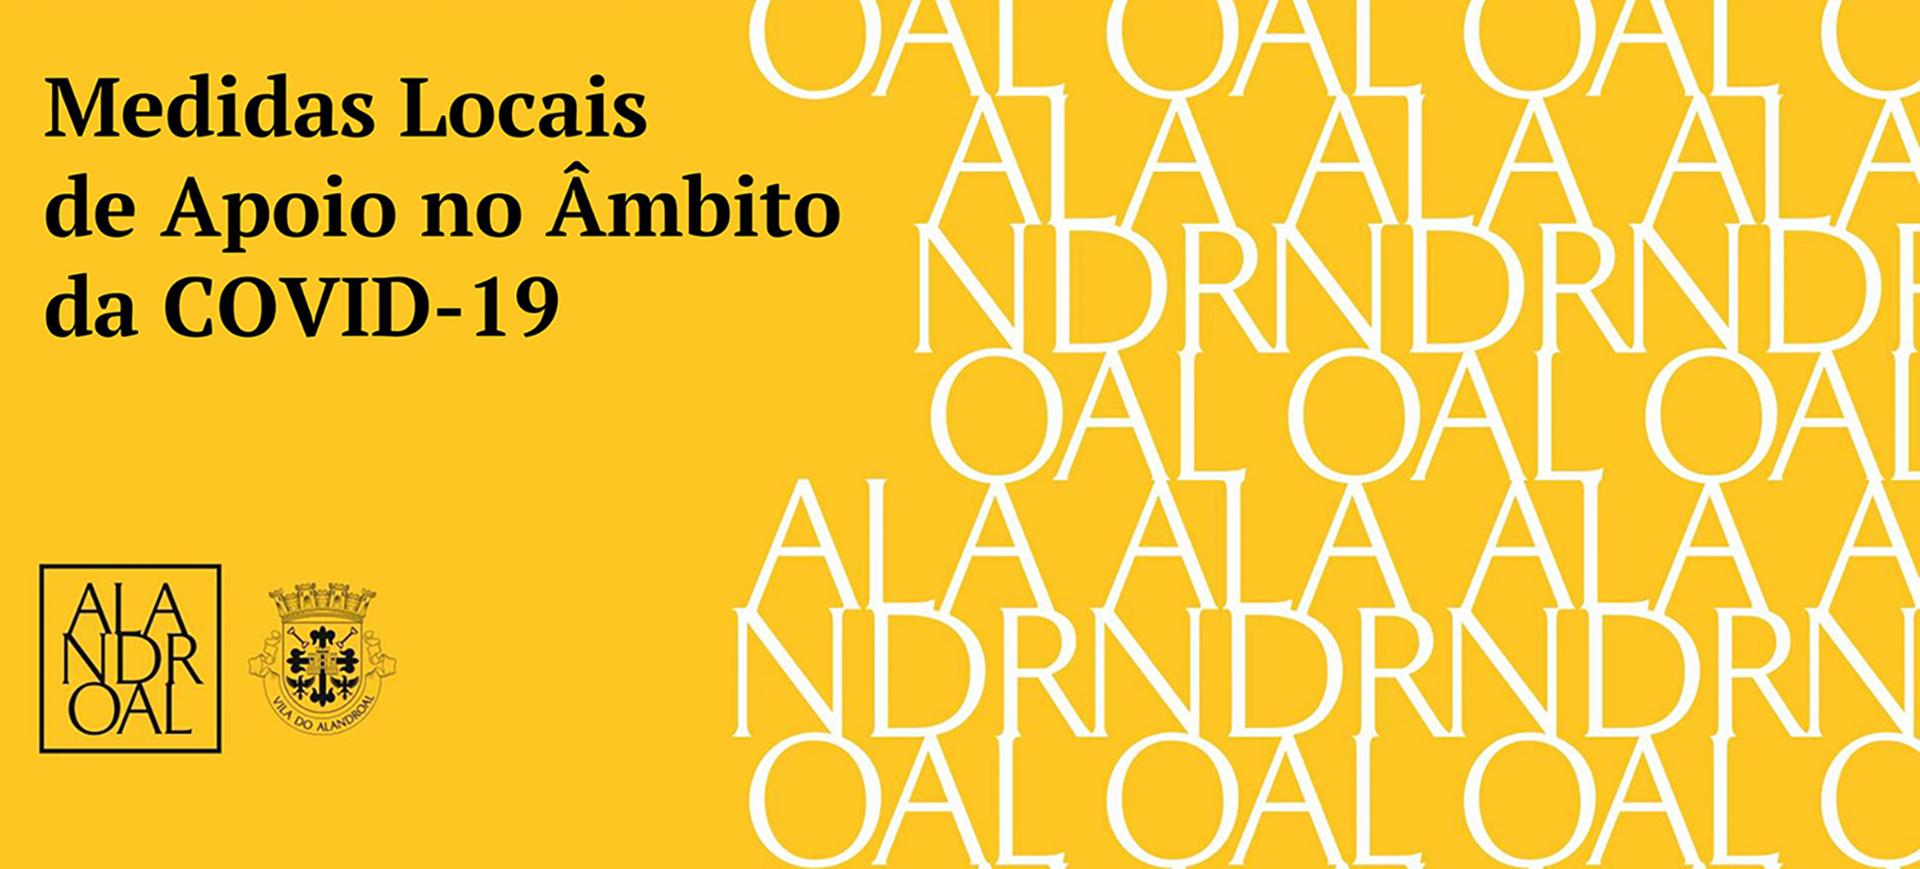 (Português) Medidas Locais de Apoio no Âmbito da COVID-19